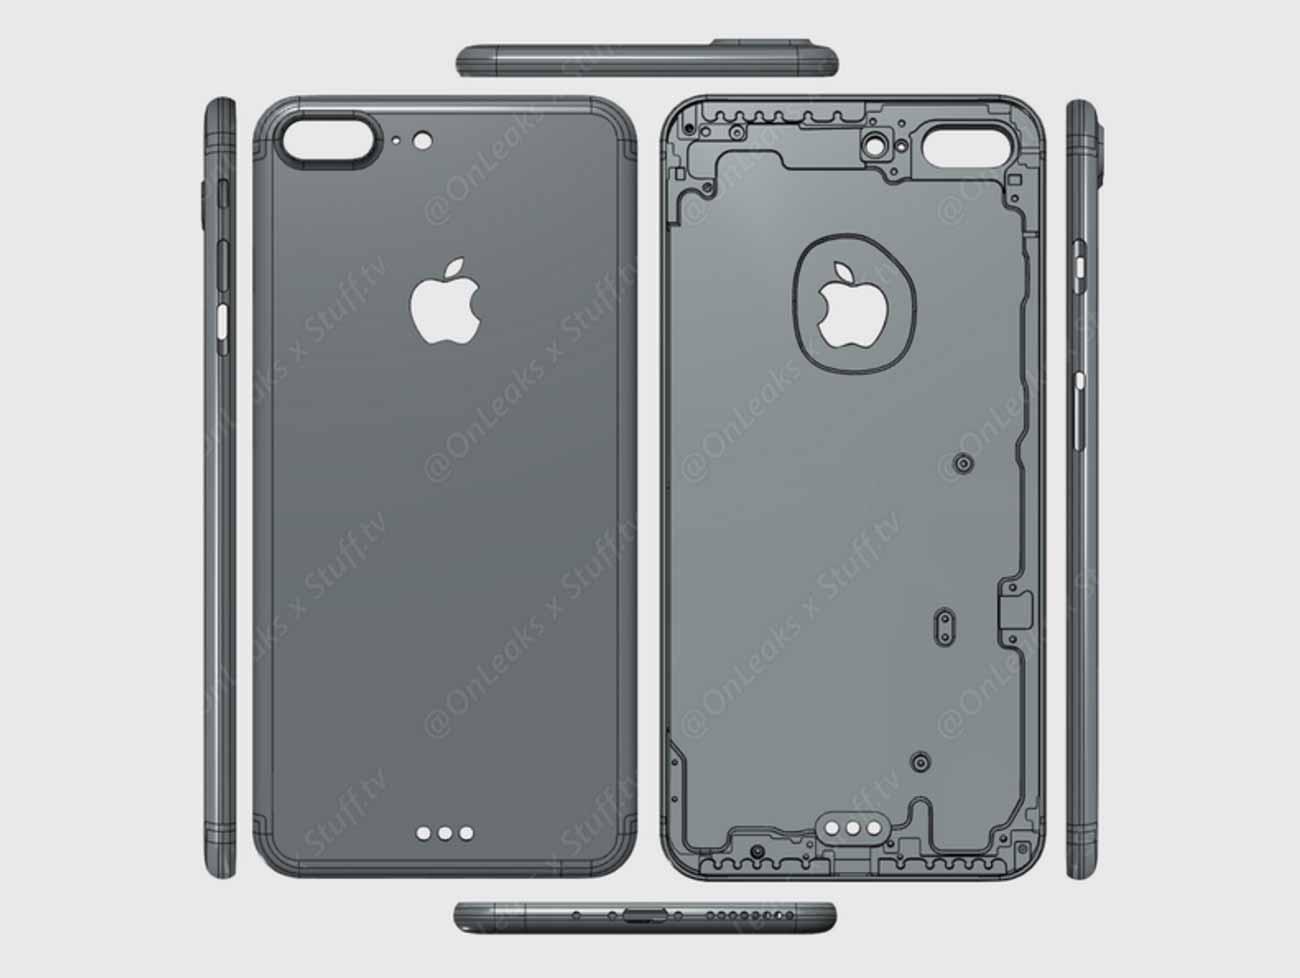 「iPhone 7 Plus」のプロトタイプとされる3Dレンダリング動画が公開される!?